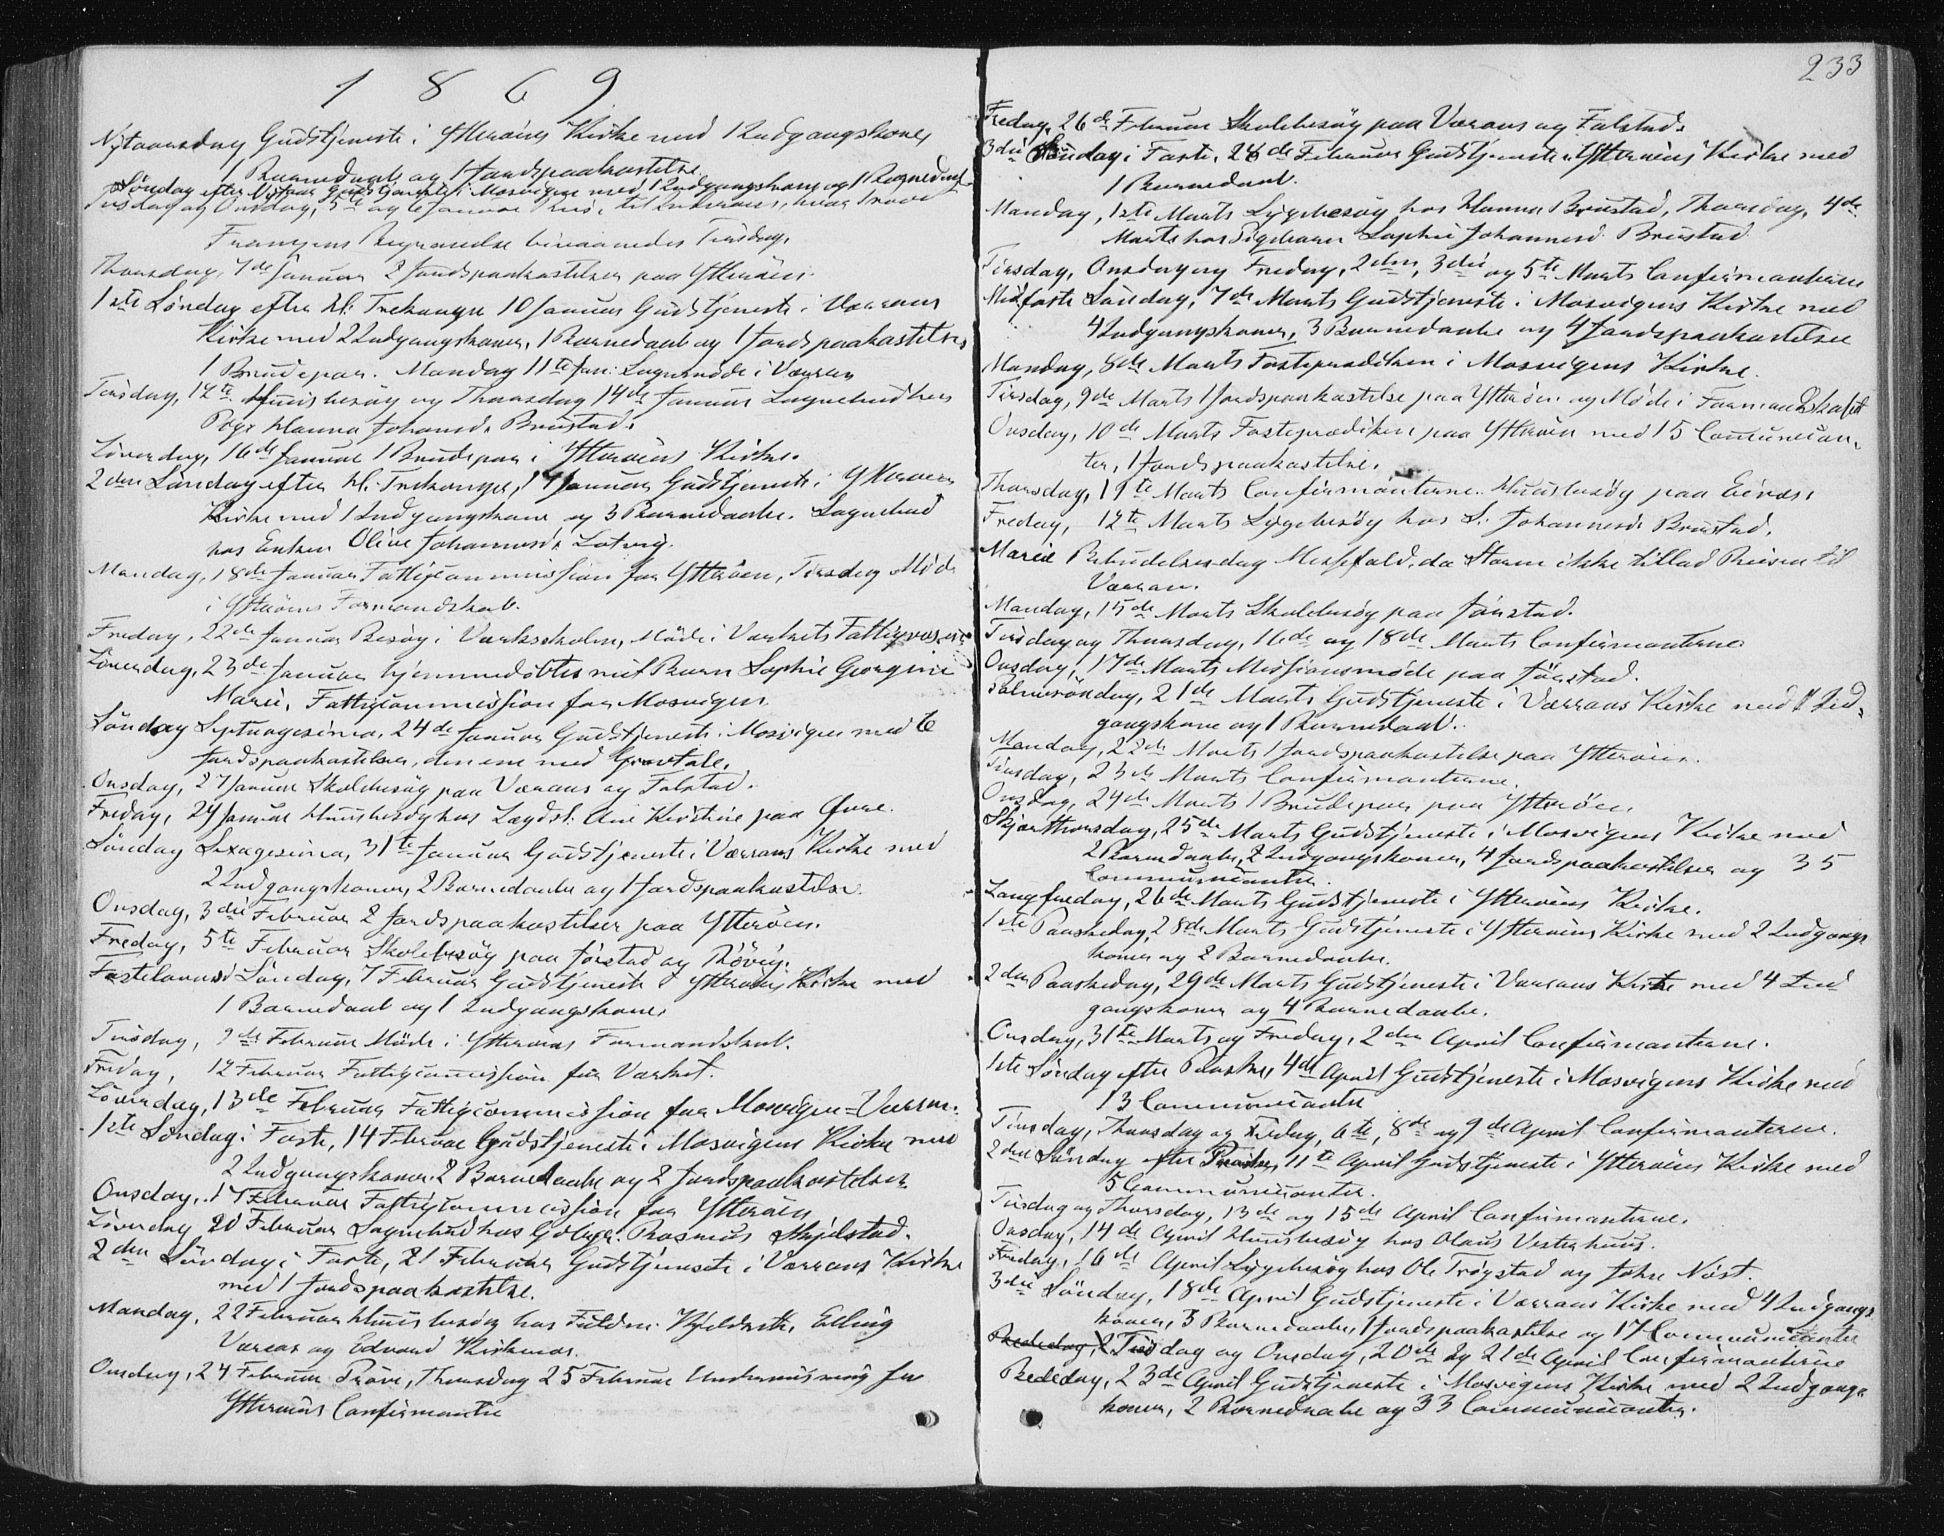 SAT, Ministerialprotokoller, klokkerbøker og fødselsregistre - Nord-Trøndelag, 722/L0219: Ministerialbok nr. 722A06, 1868-1880, s. 233